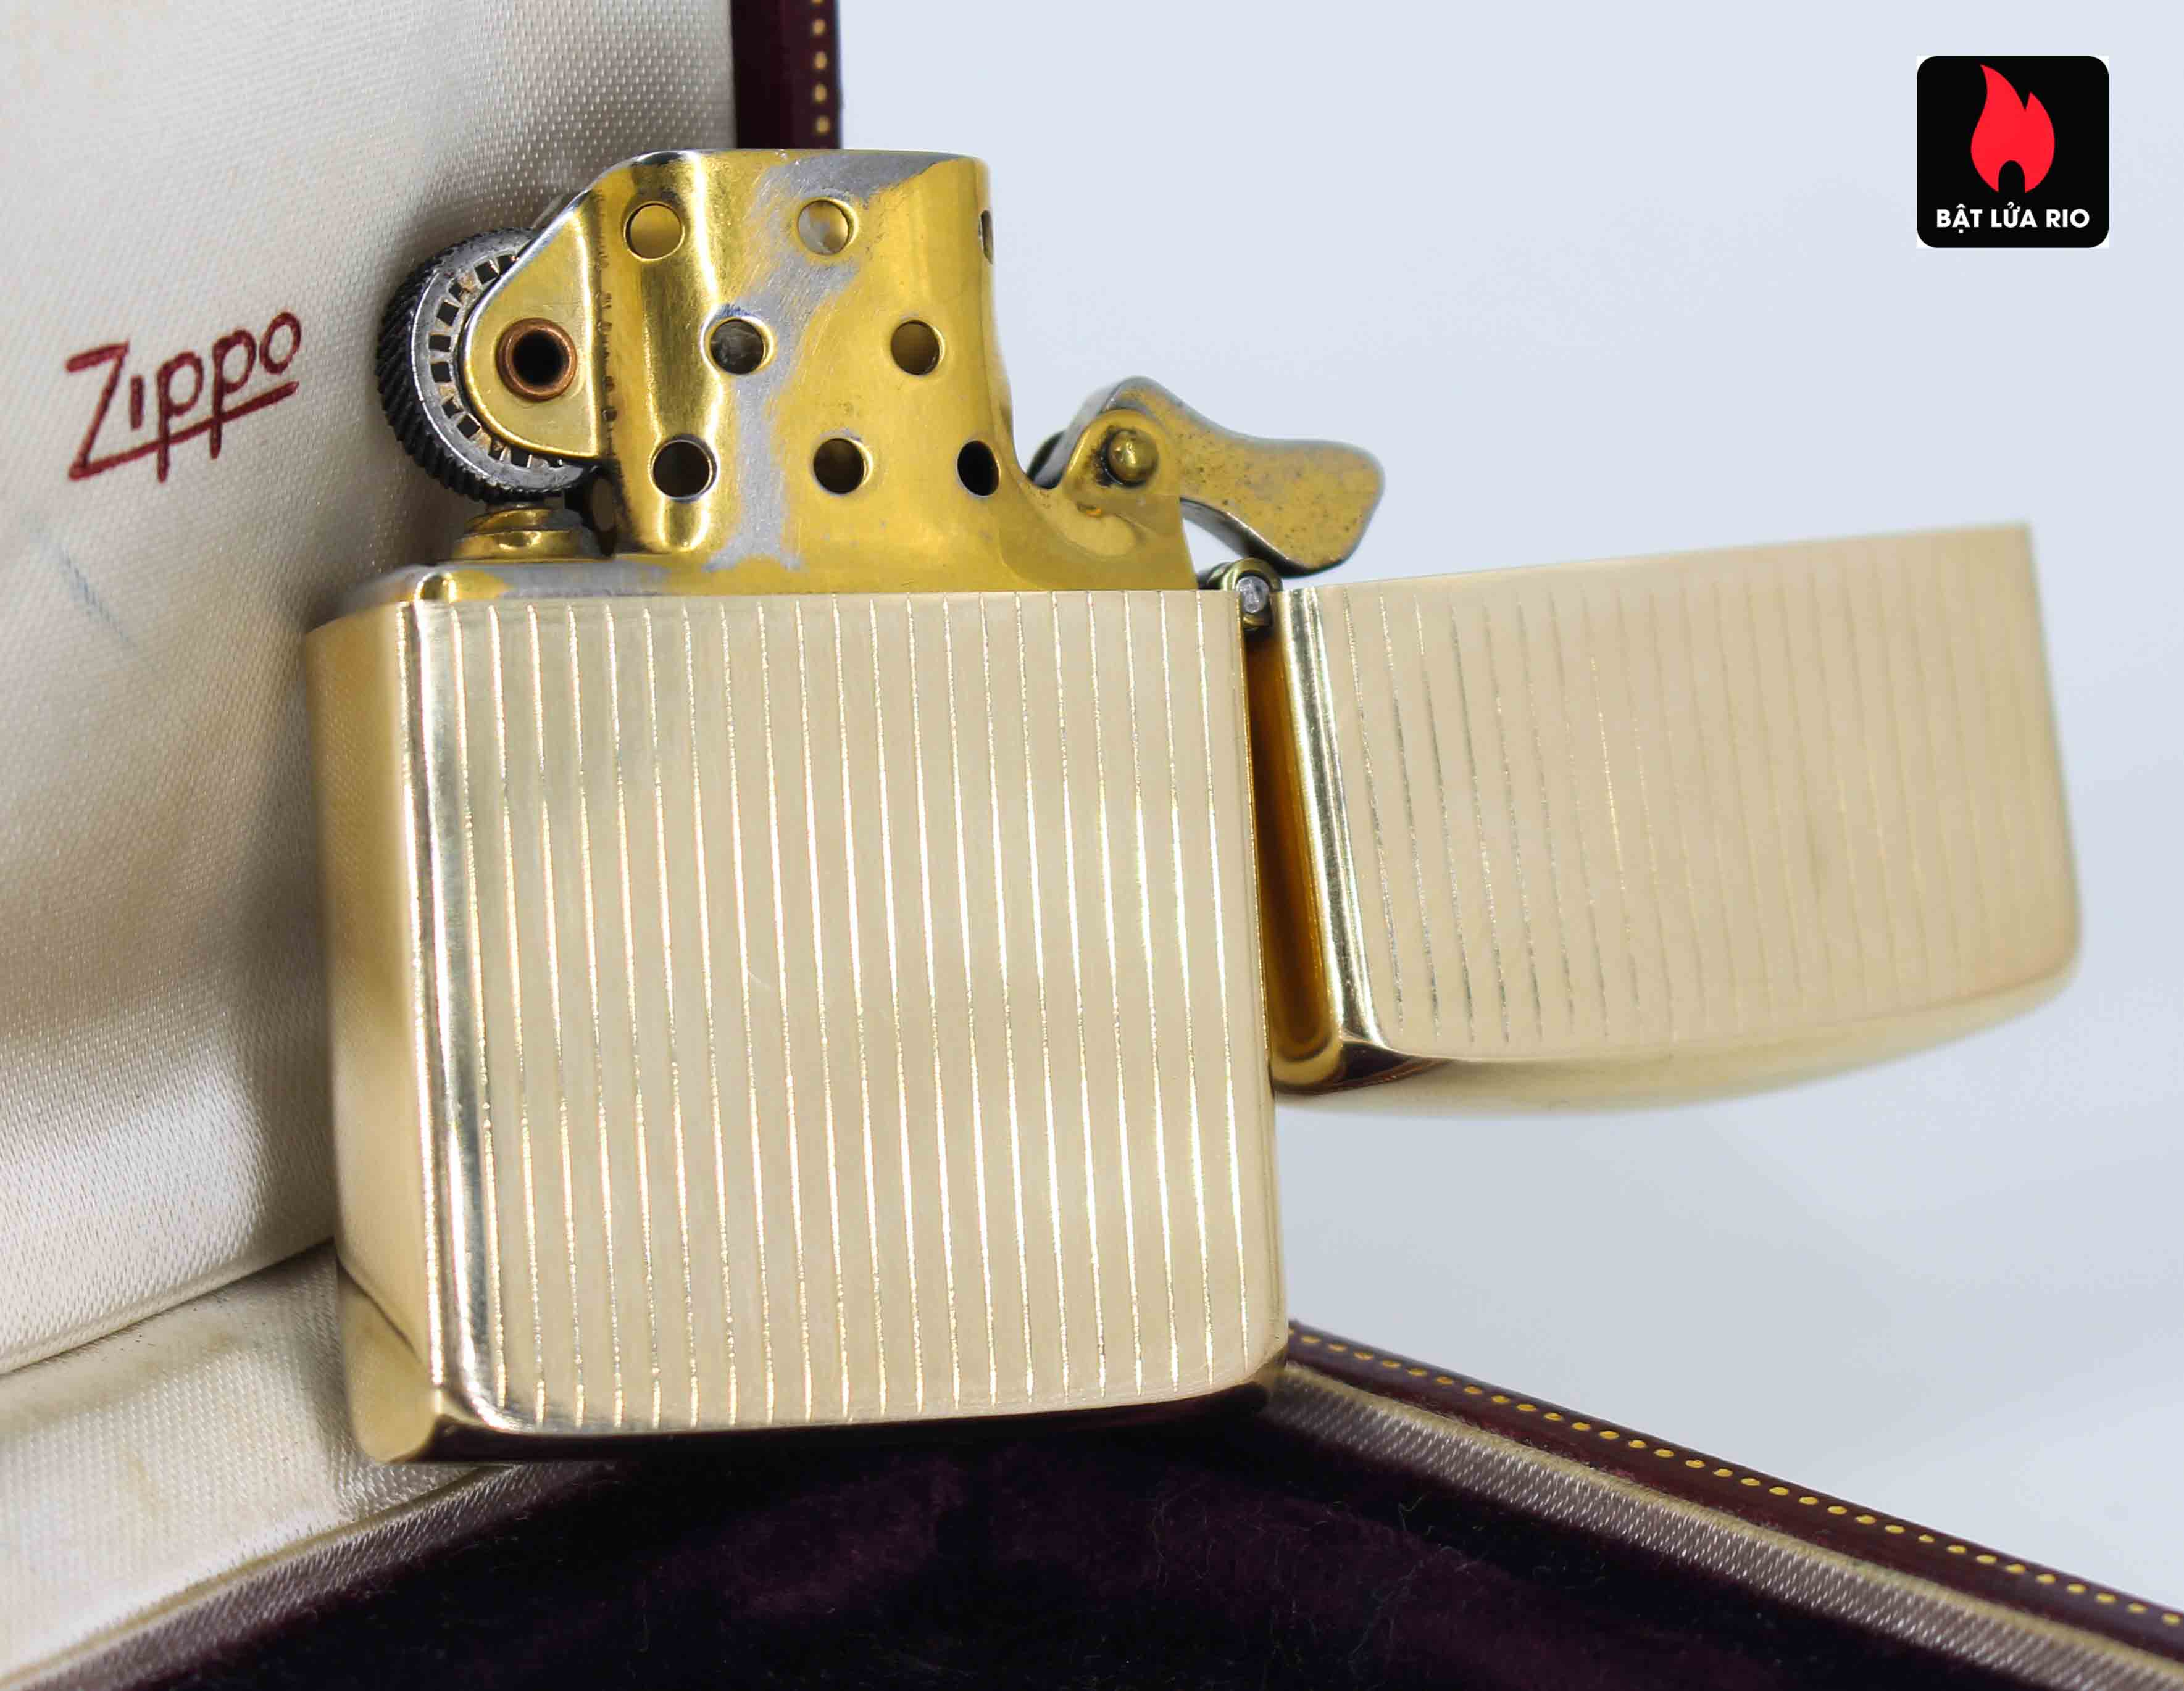 Hiếm - Zippo 1950s - Solid Gold 14k - Vàng Nguyên Khối 14k 12